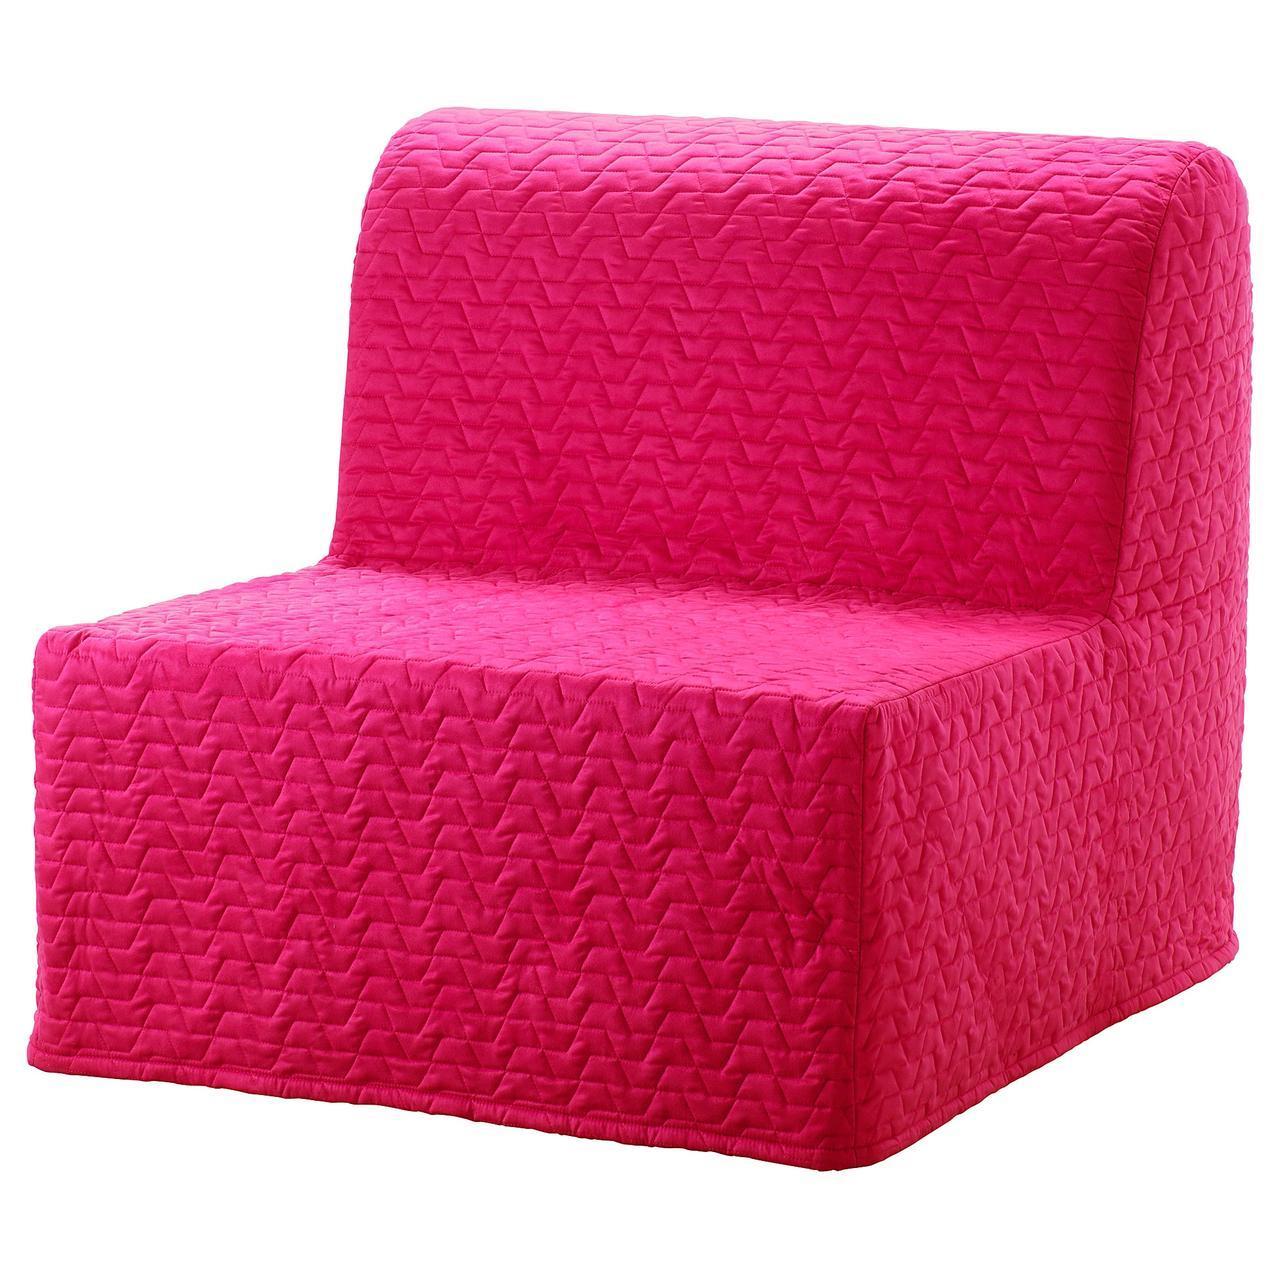 IKEA LYCKSELEMURBO Раскладное кресло,  пурпурный цвет (692.808.47)